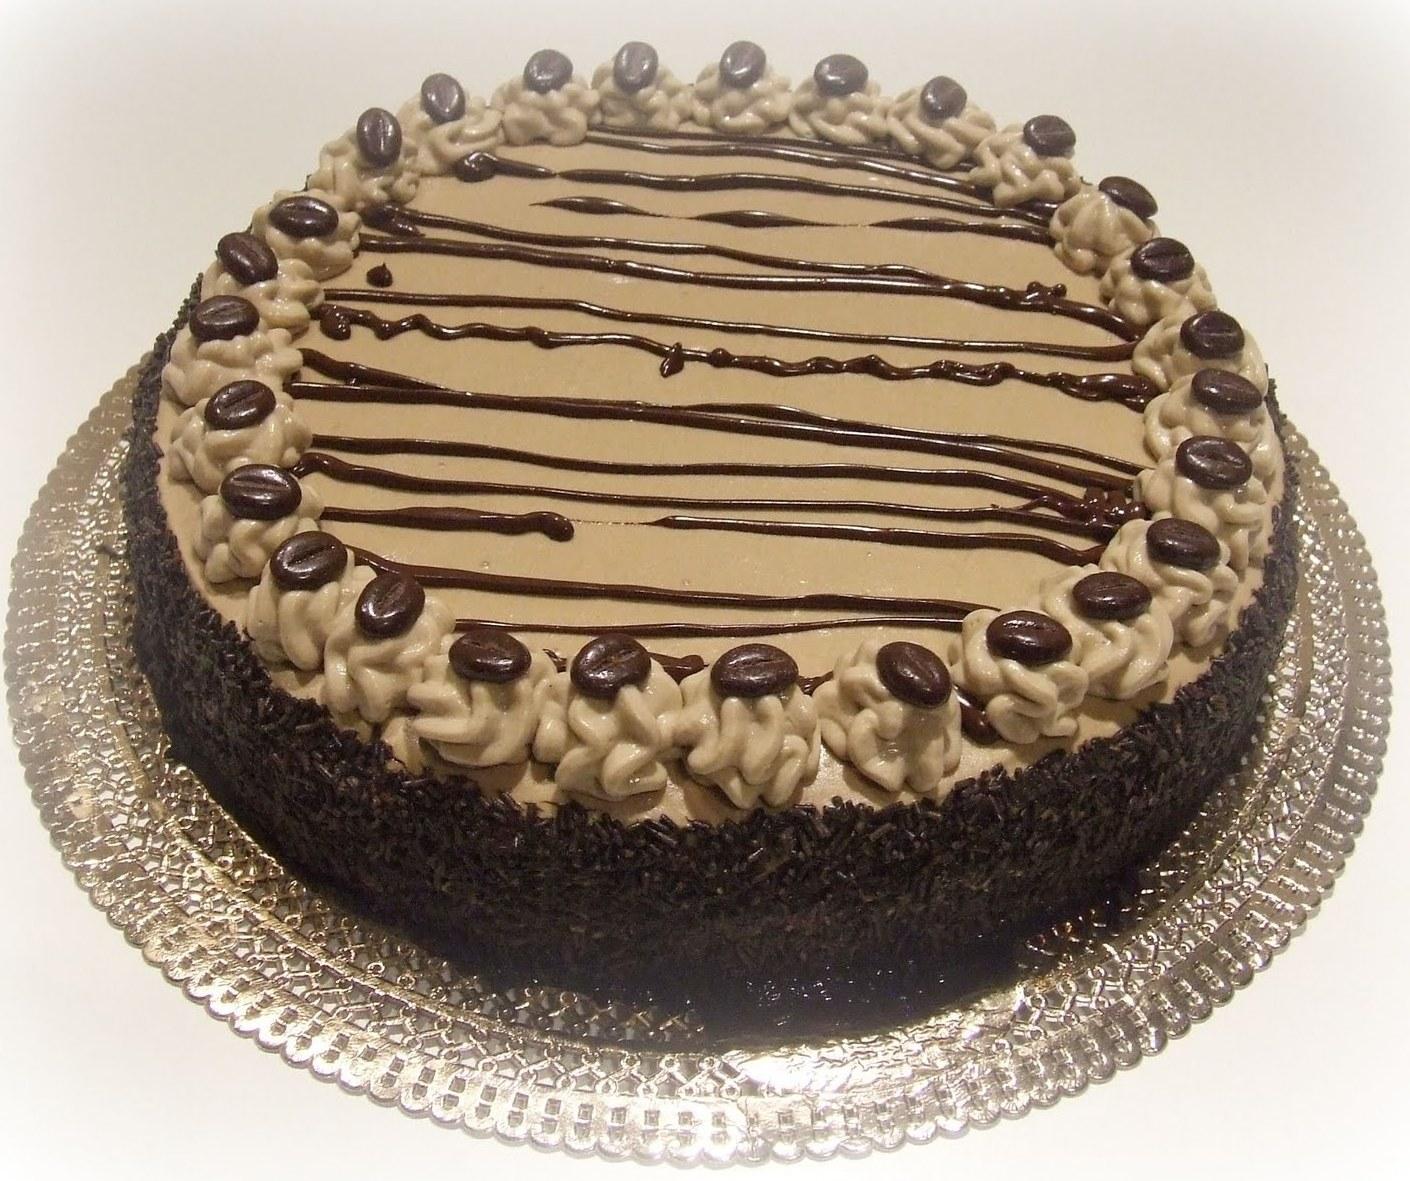 Idee Per Decorare Una Torta torta con crema pasticcera al caffè - (3.3/5)